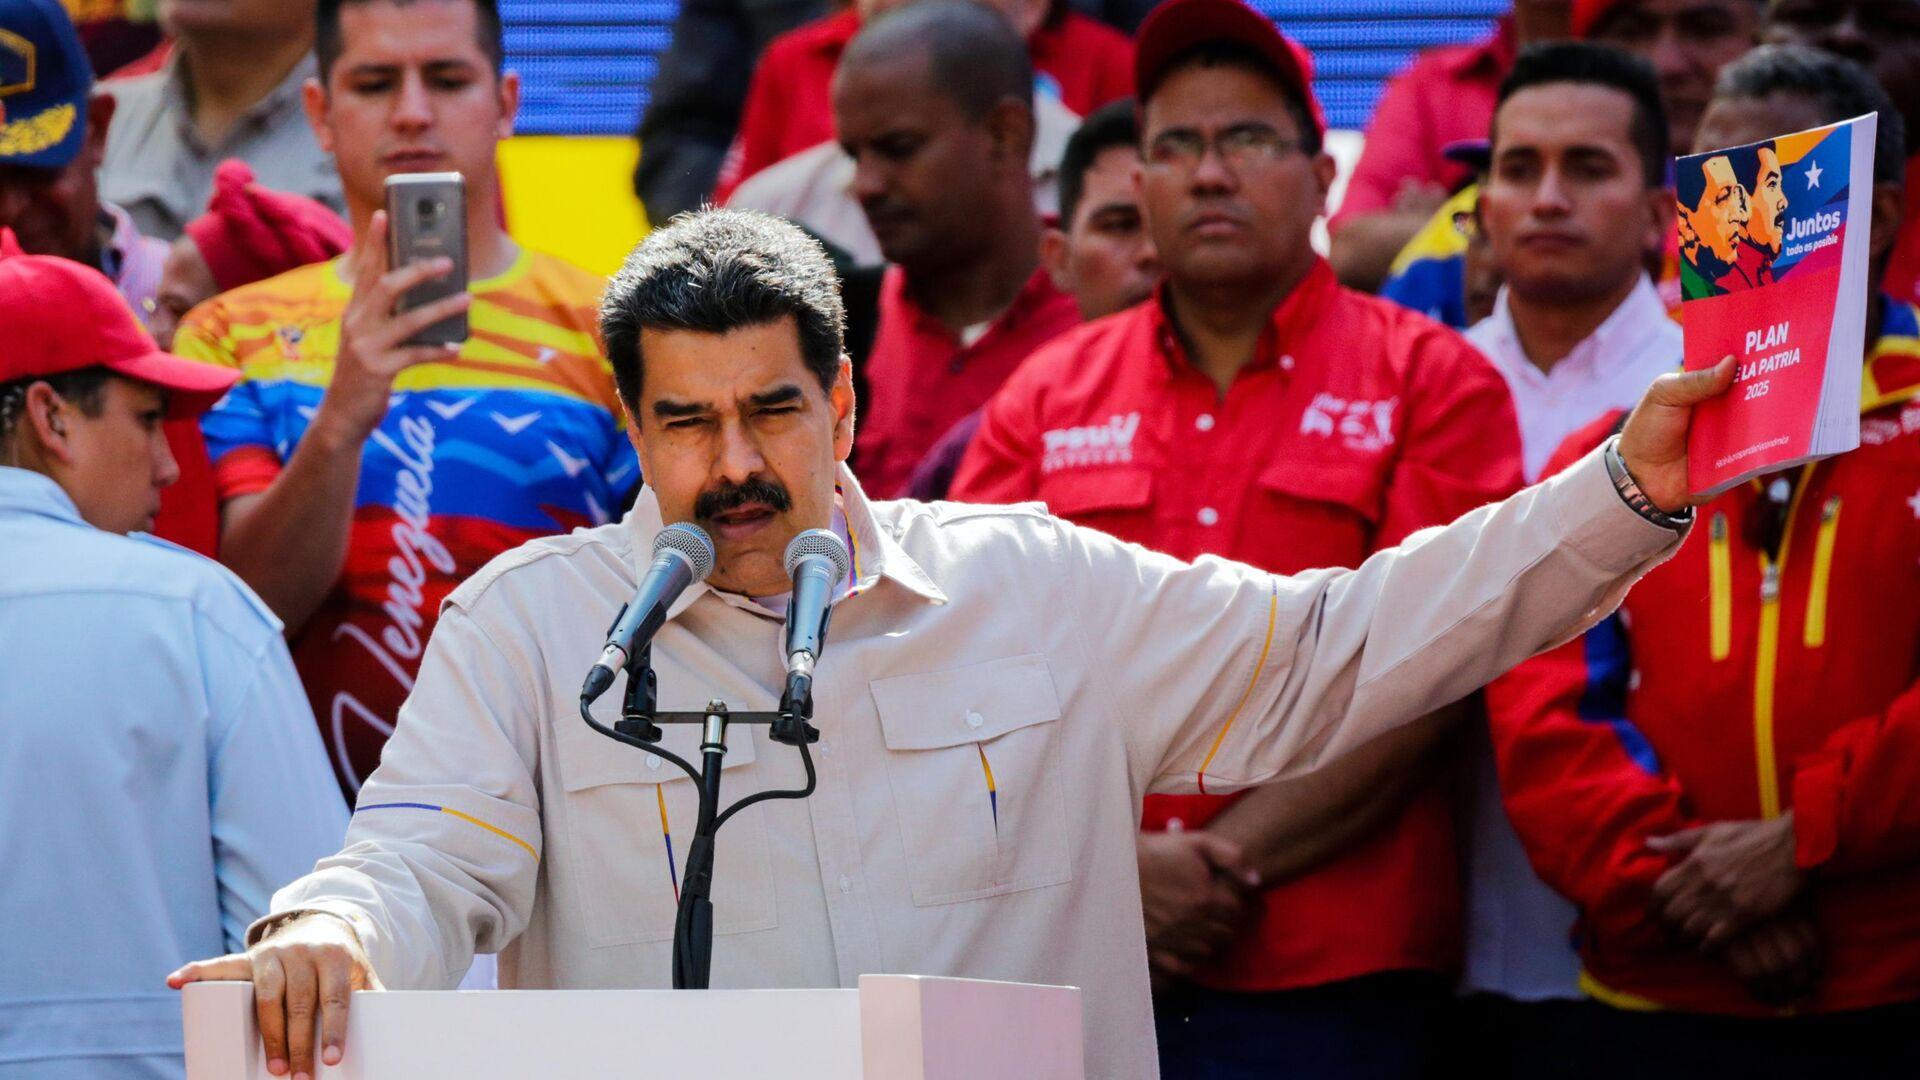 Президент Венесуэлы Николас Мадуро выступает в Каракасе на акции своих сторонников - РИА Новости, 1920, 25.02.2021